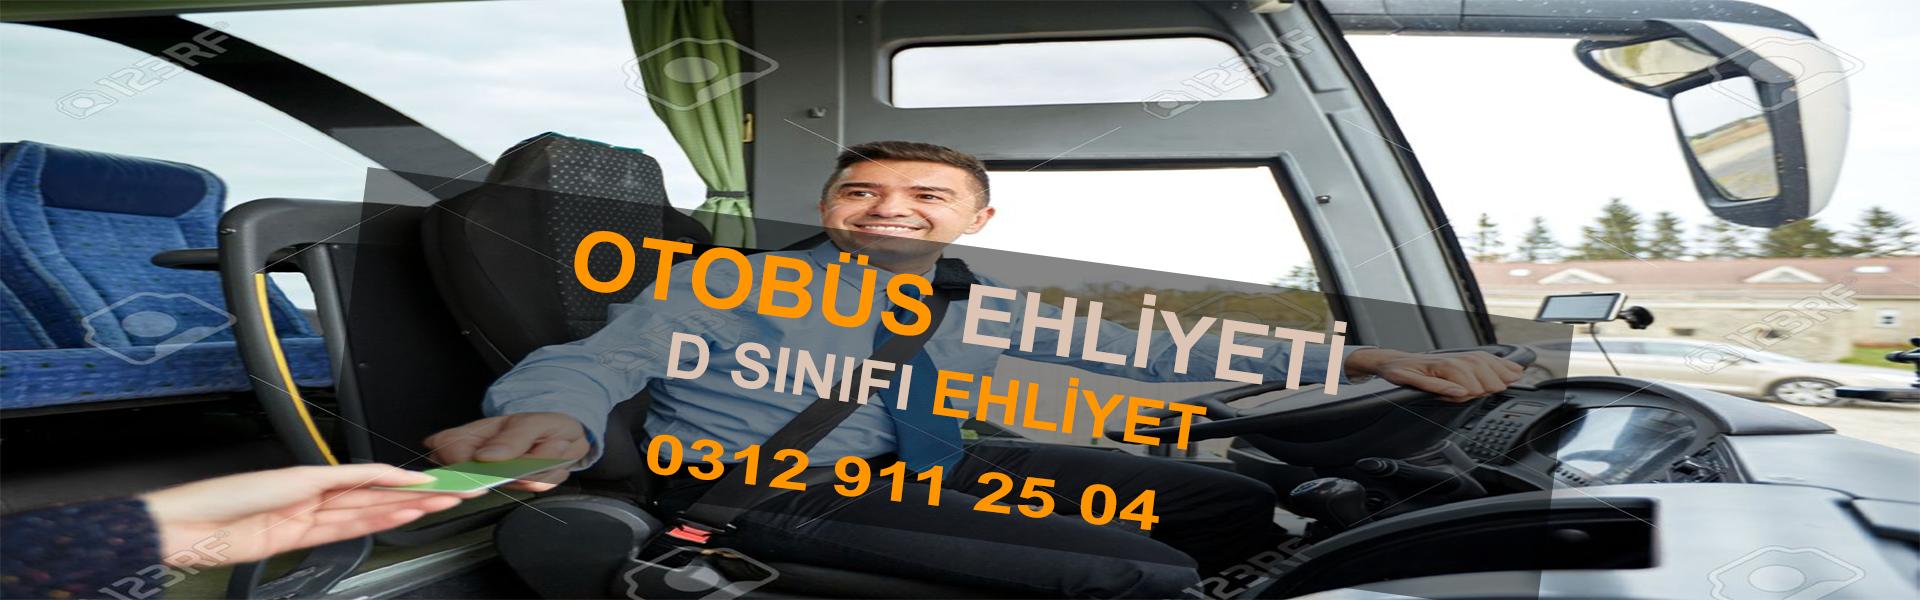 OTOBÜS EHLİYETİ, D SINIFI EHLİYET